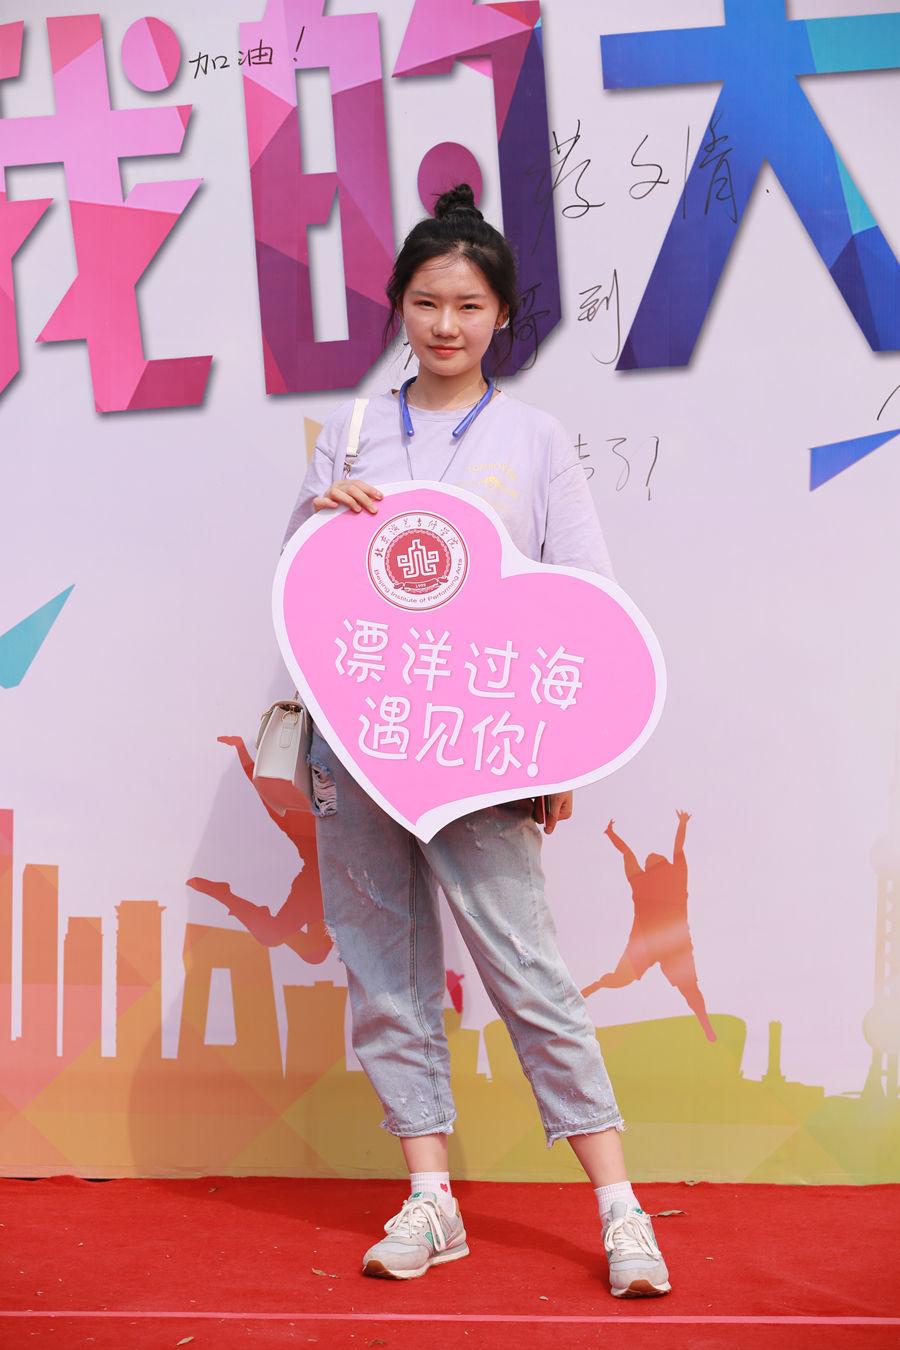 筑梦北演,飞扬青春:2019级新生火热报到中